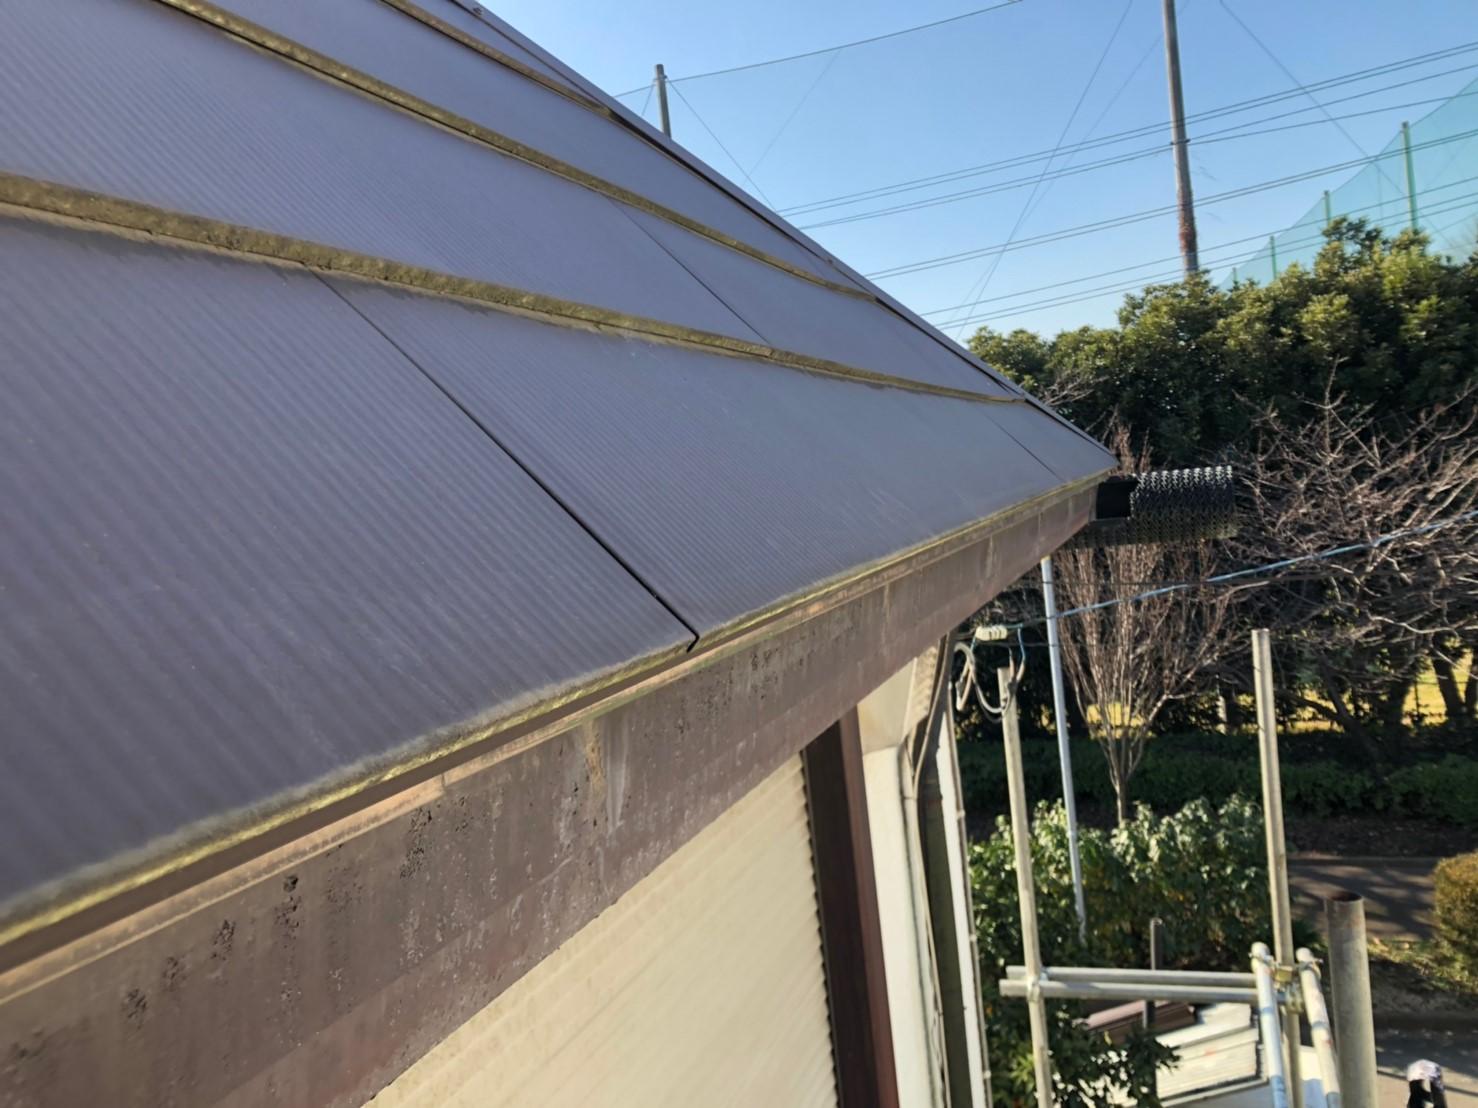 【施工完了報告!】その損傷、本当に経年劣化ですか??東京都世田谷区で雨どい&波板交換工事!